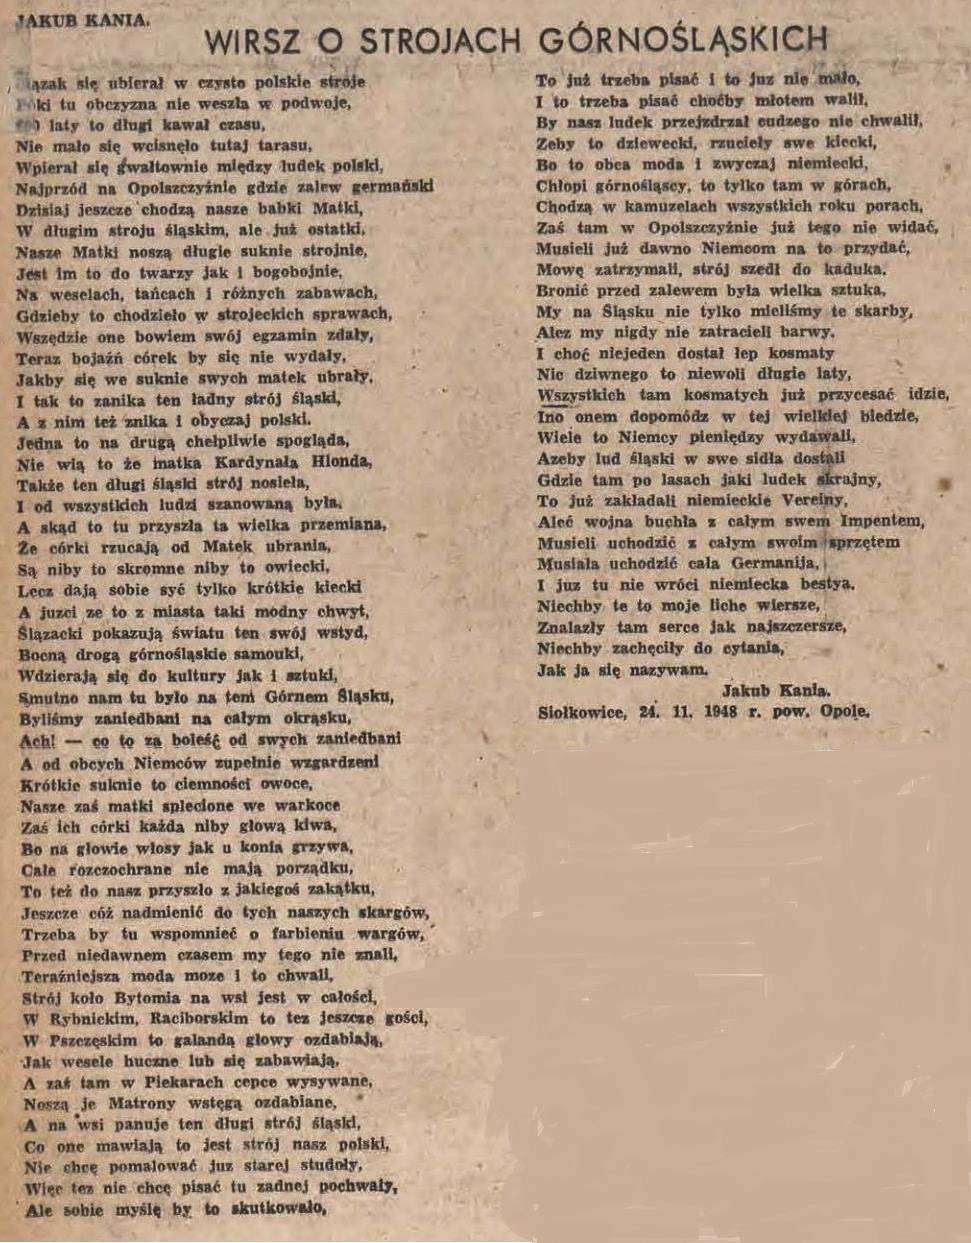 Wiersze Jakuba Kani Wiersz O Strojach Górnośląskich 1948